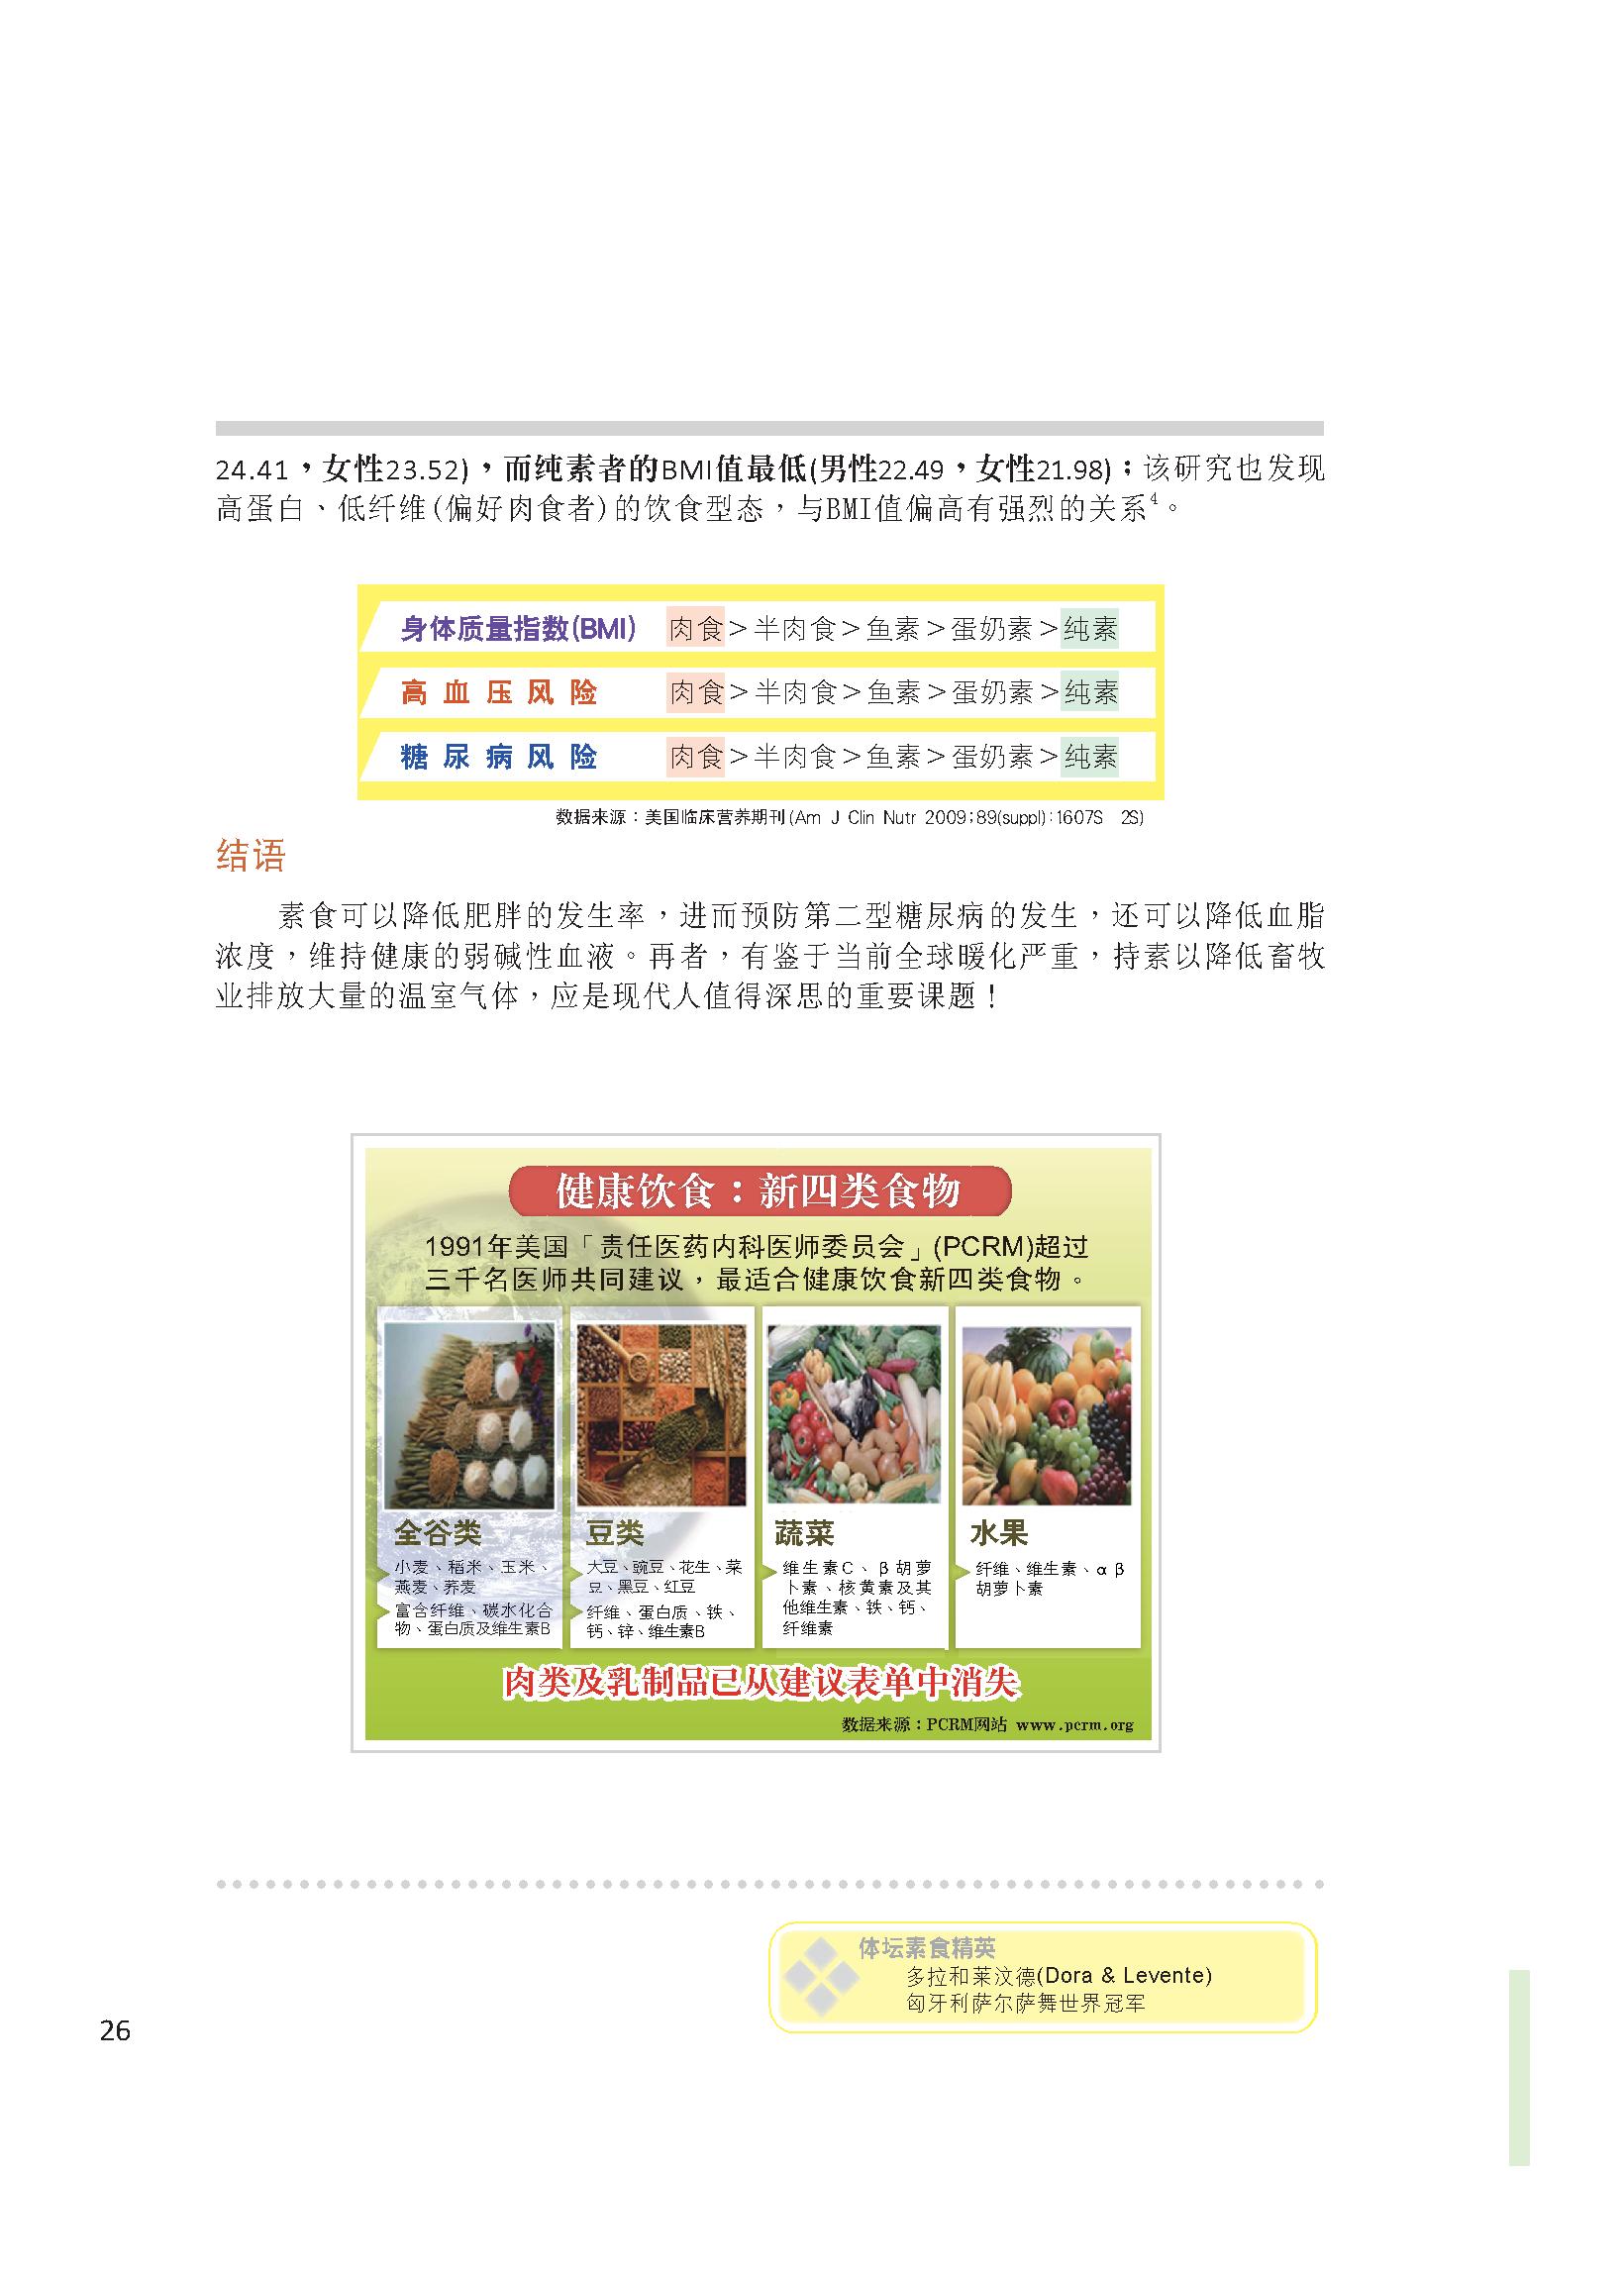 读书频道——《逆转2012》[图文](原编) - Lily - Lily伊甸园